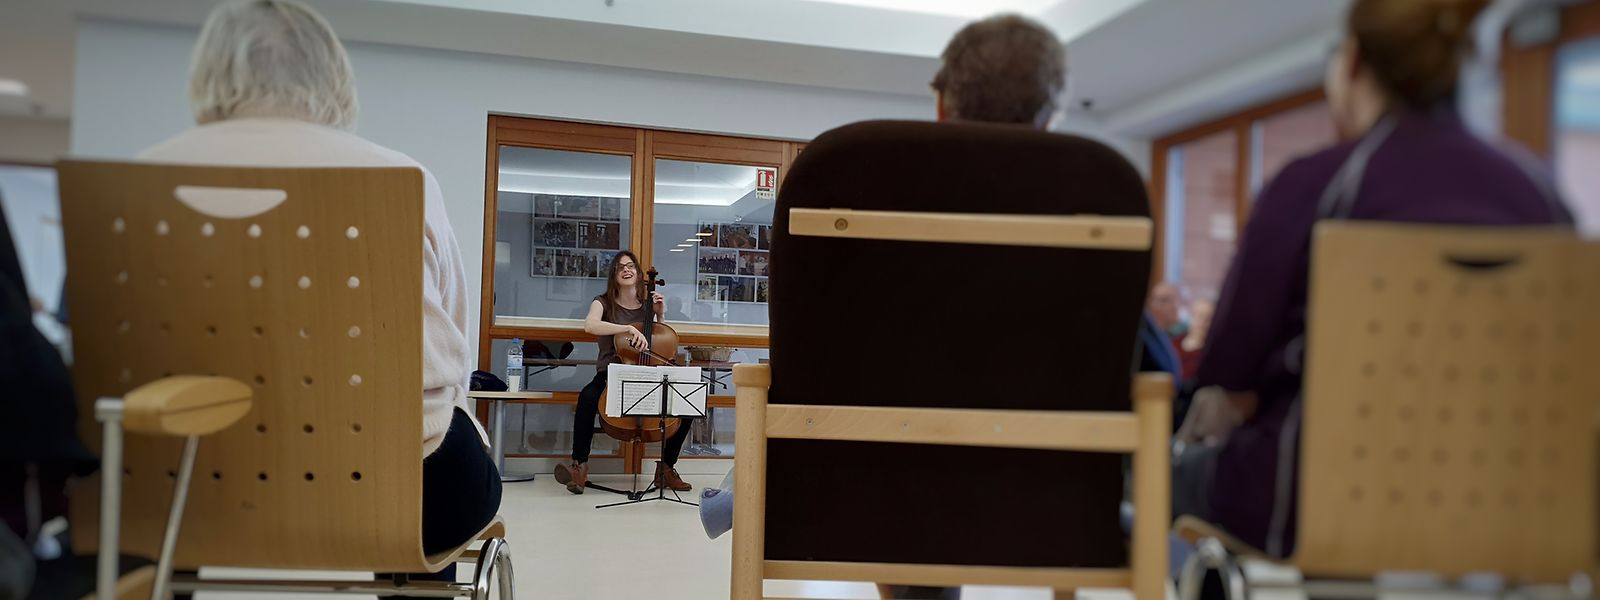 La Fondation EME organise chaque année près de 180 concerts dans des maisons de soins ou de retraite (photo). Ces initiatives sont maintenant à l'arrêt. Des concerts virtuels devraient permettre aux personnes âgées de continuer de profiter de ces moments de divertissement.